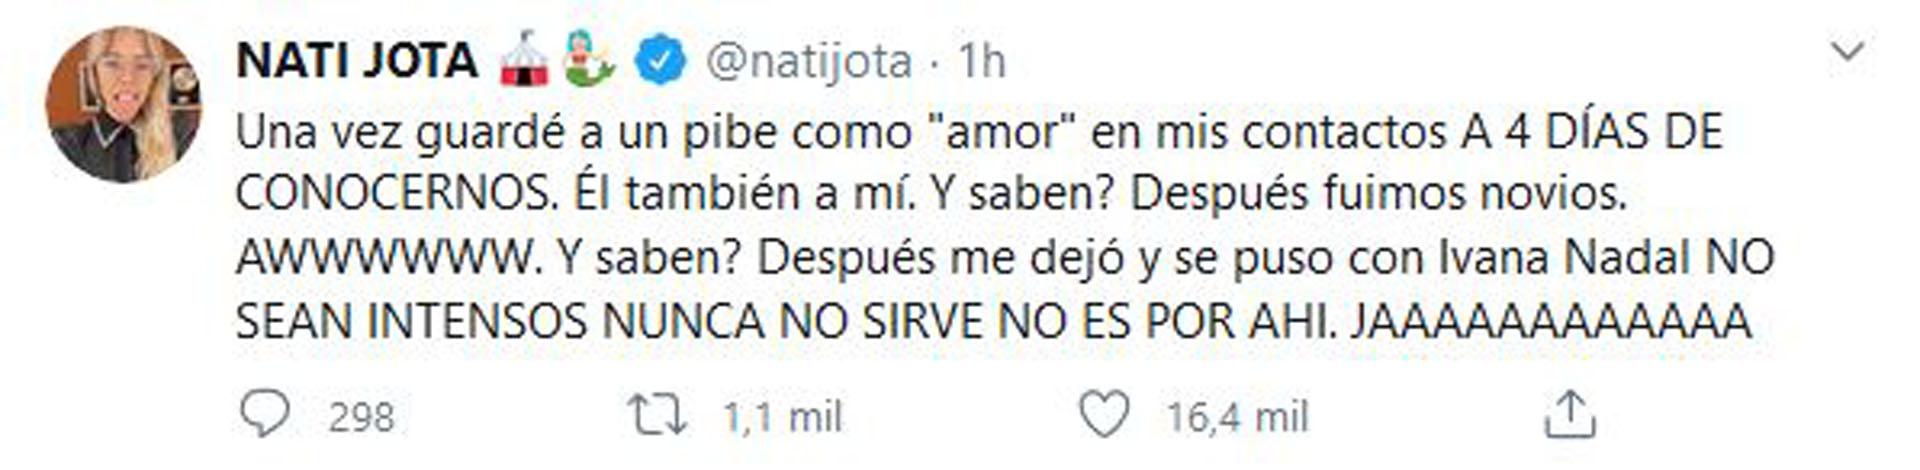 El mensaje de Nati que se volvió viral (Foto: Twitter)